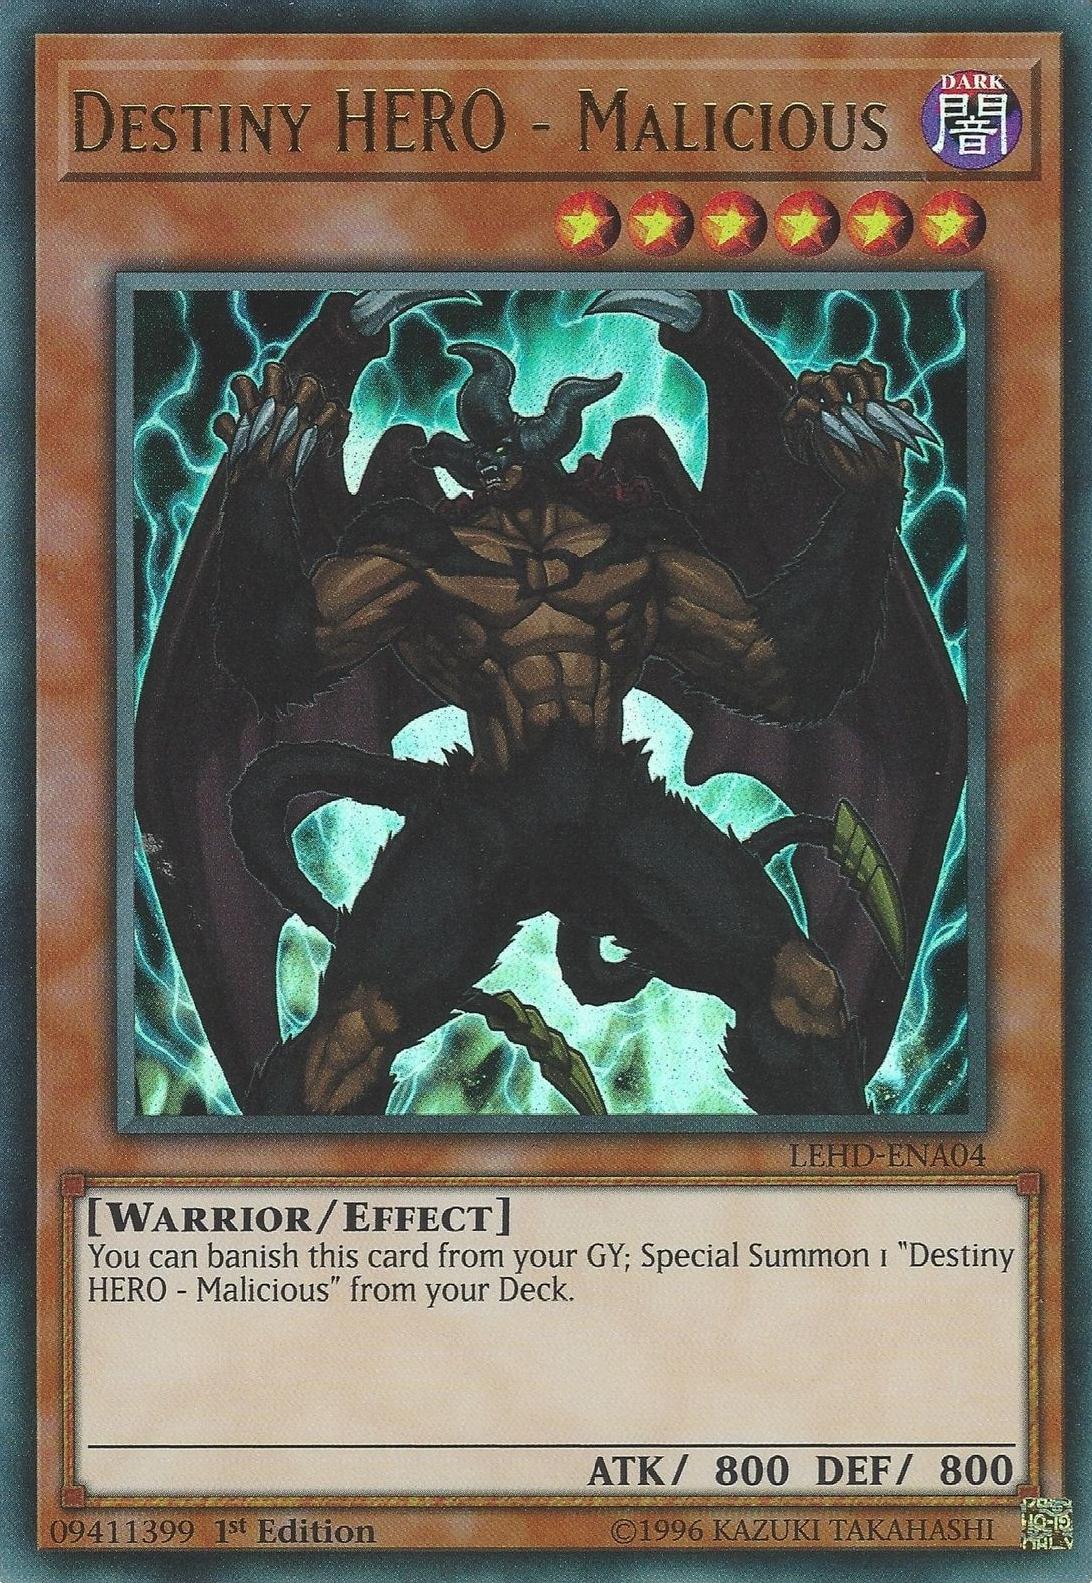 Destiny HERO - Malicious | Yu-Gi-Oh! | FANDOM powered by Wikia